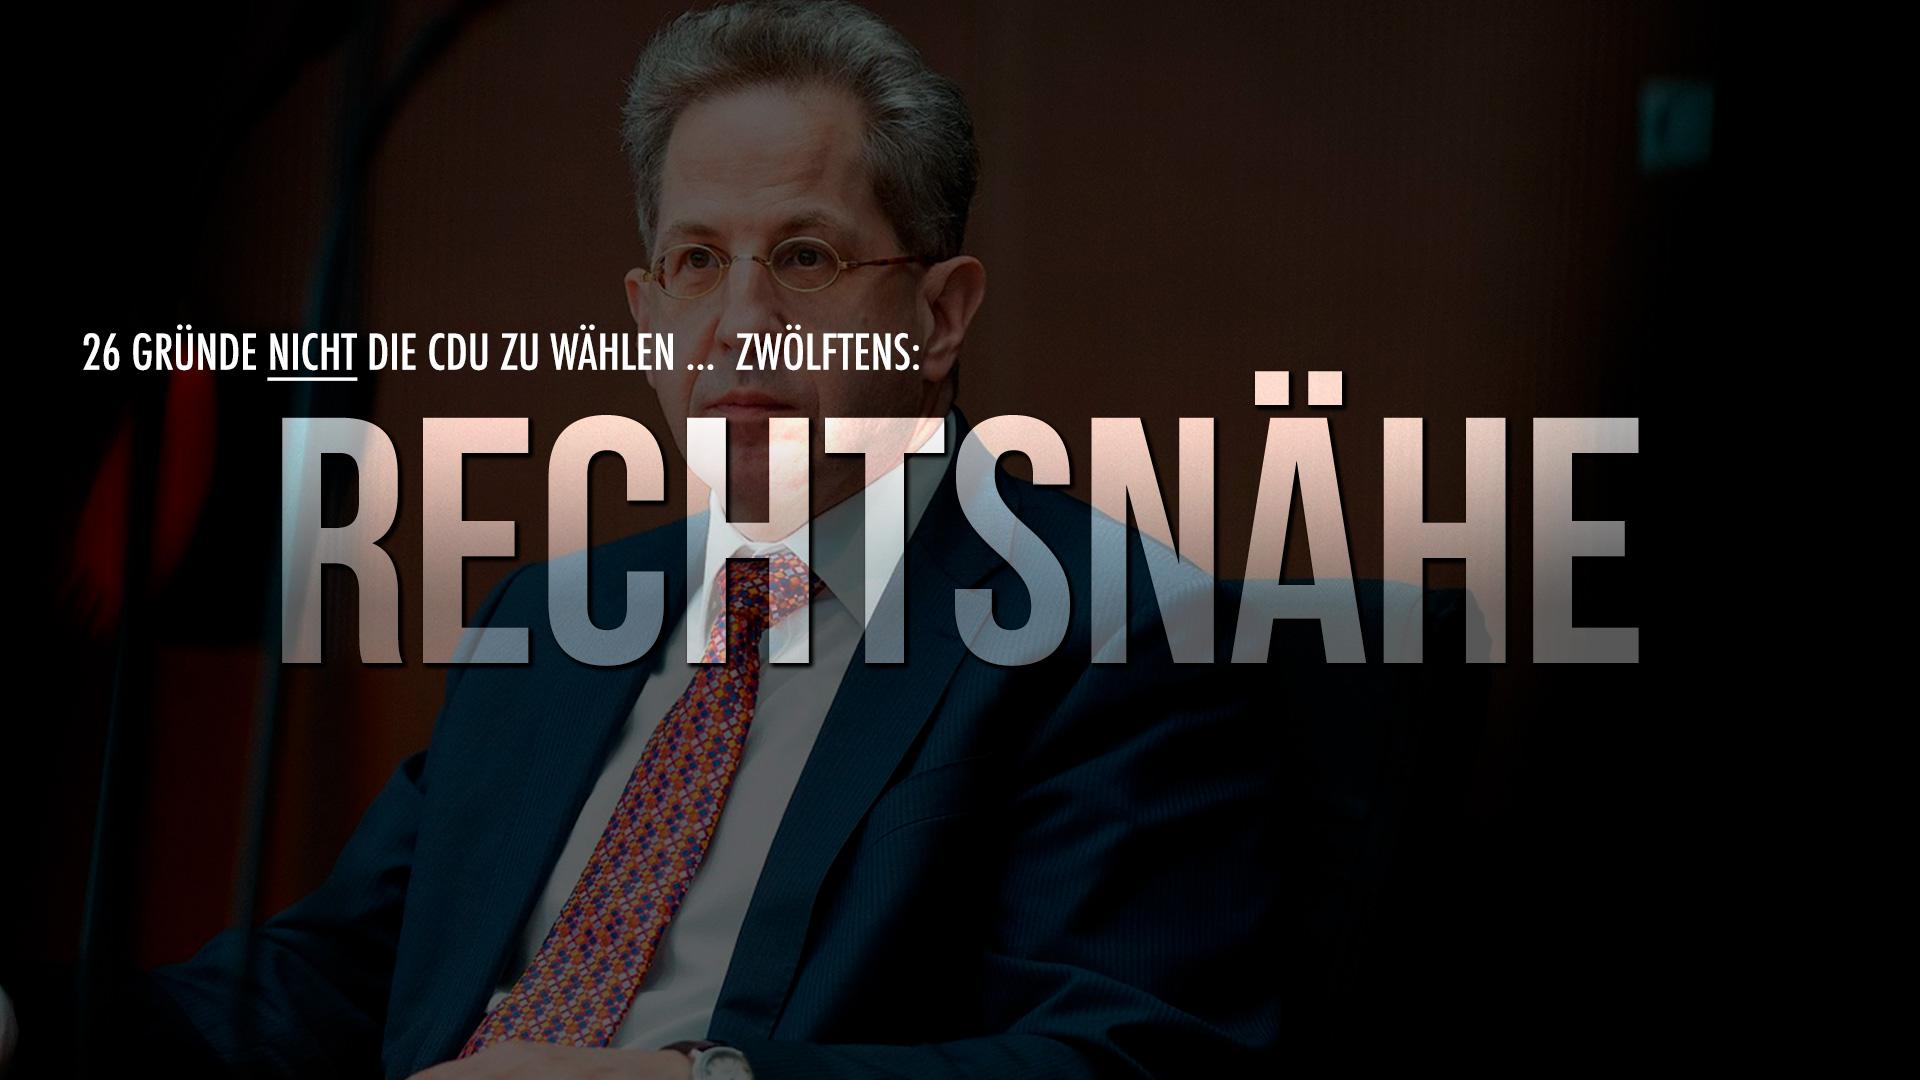 26 Gründe nicht die CDU zu wählen … Zwölftens: Rechtsnähe